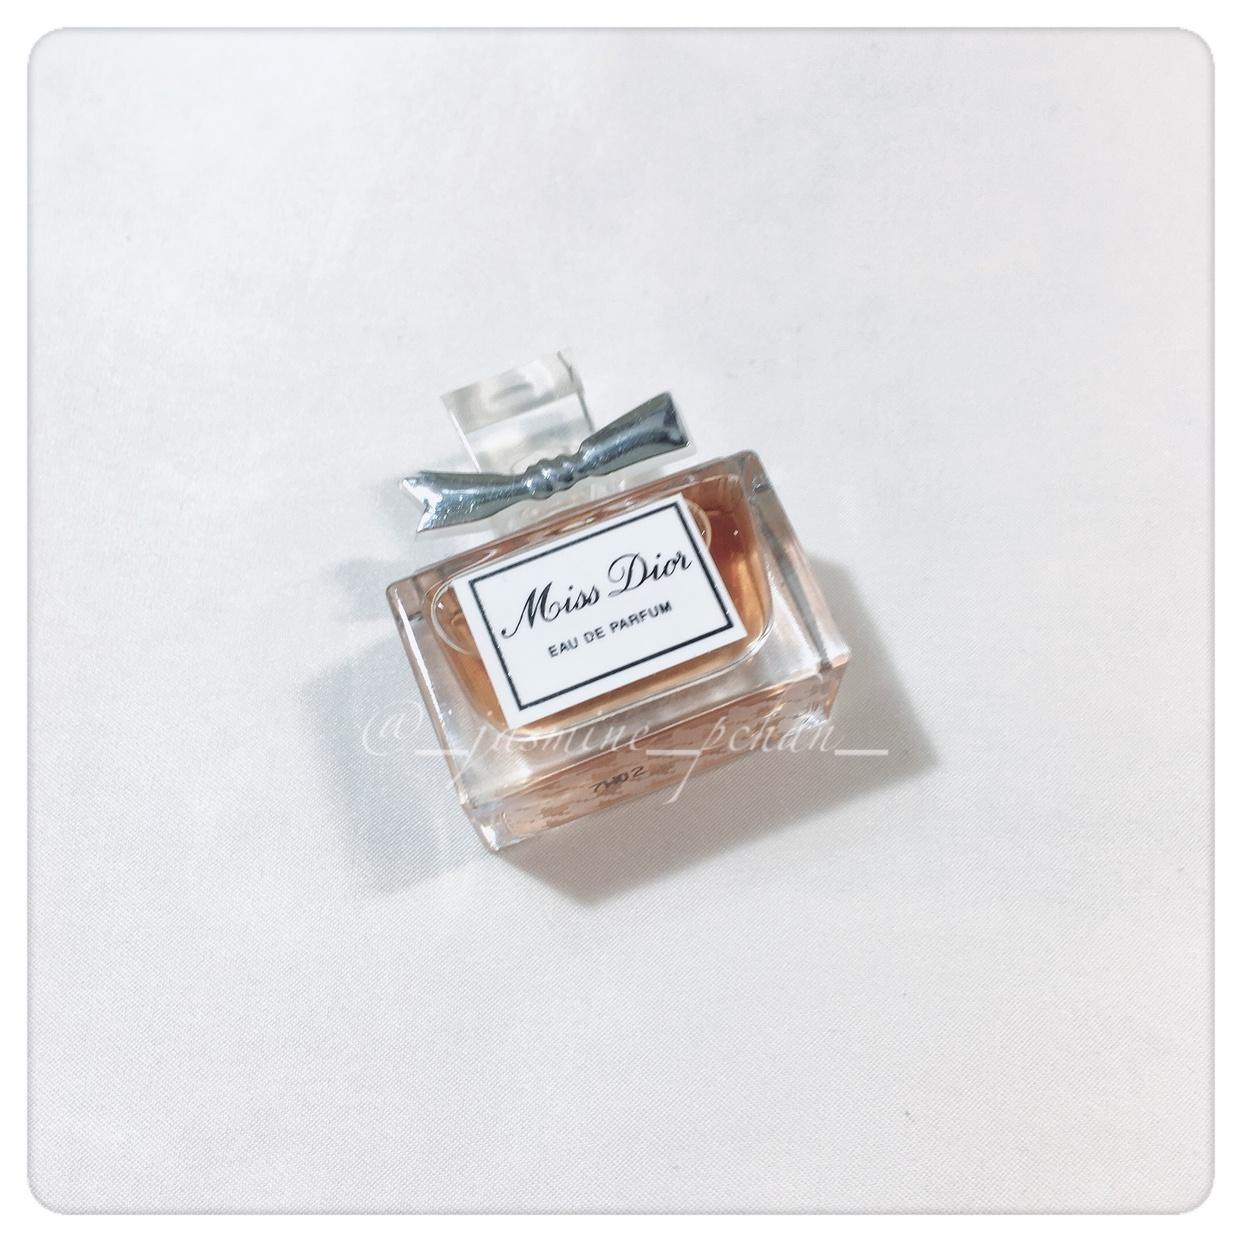 Dior(ディオール) ミス ディオール オードゥ パルファンを使ったぴい0130さんのクチコミ画像